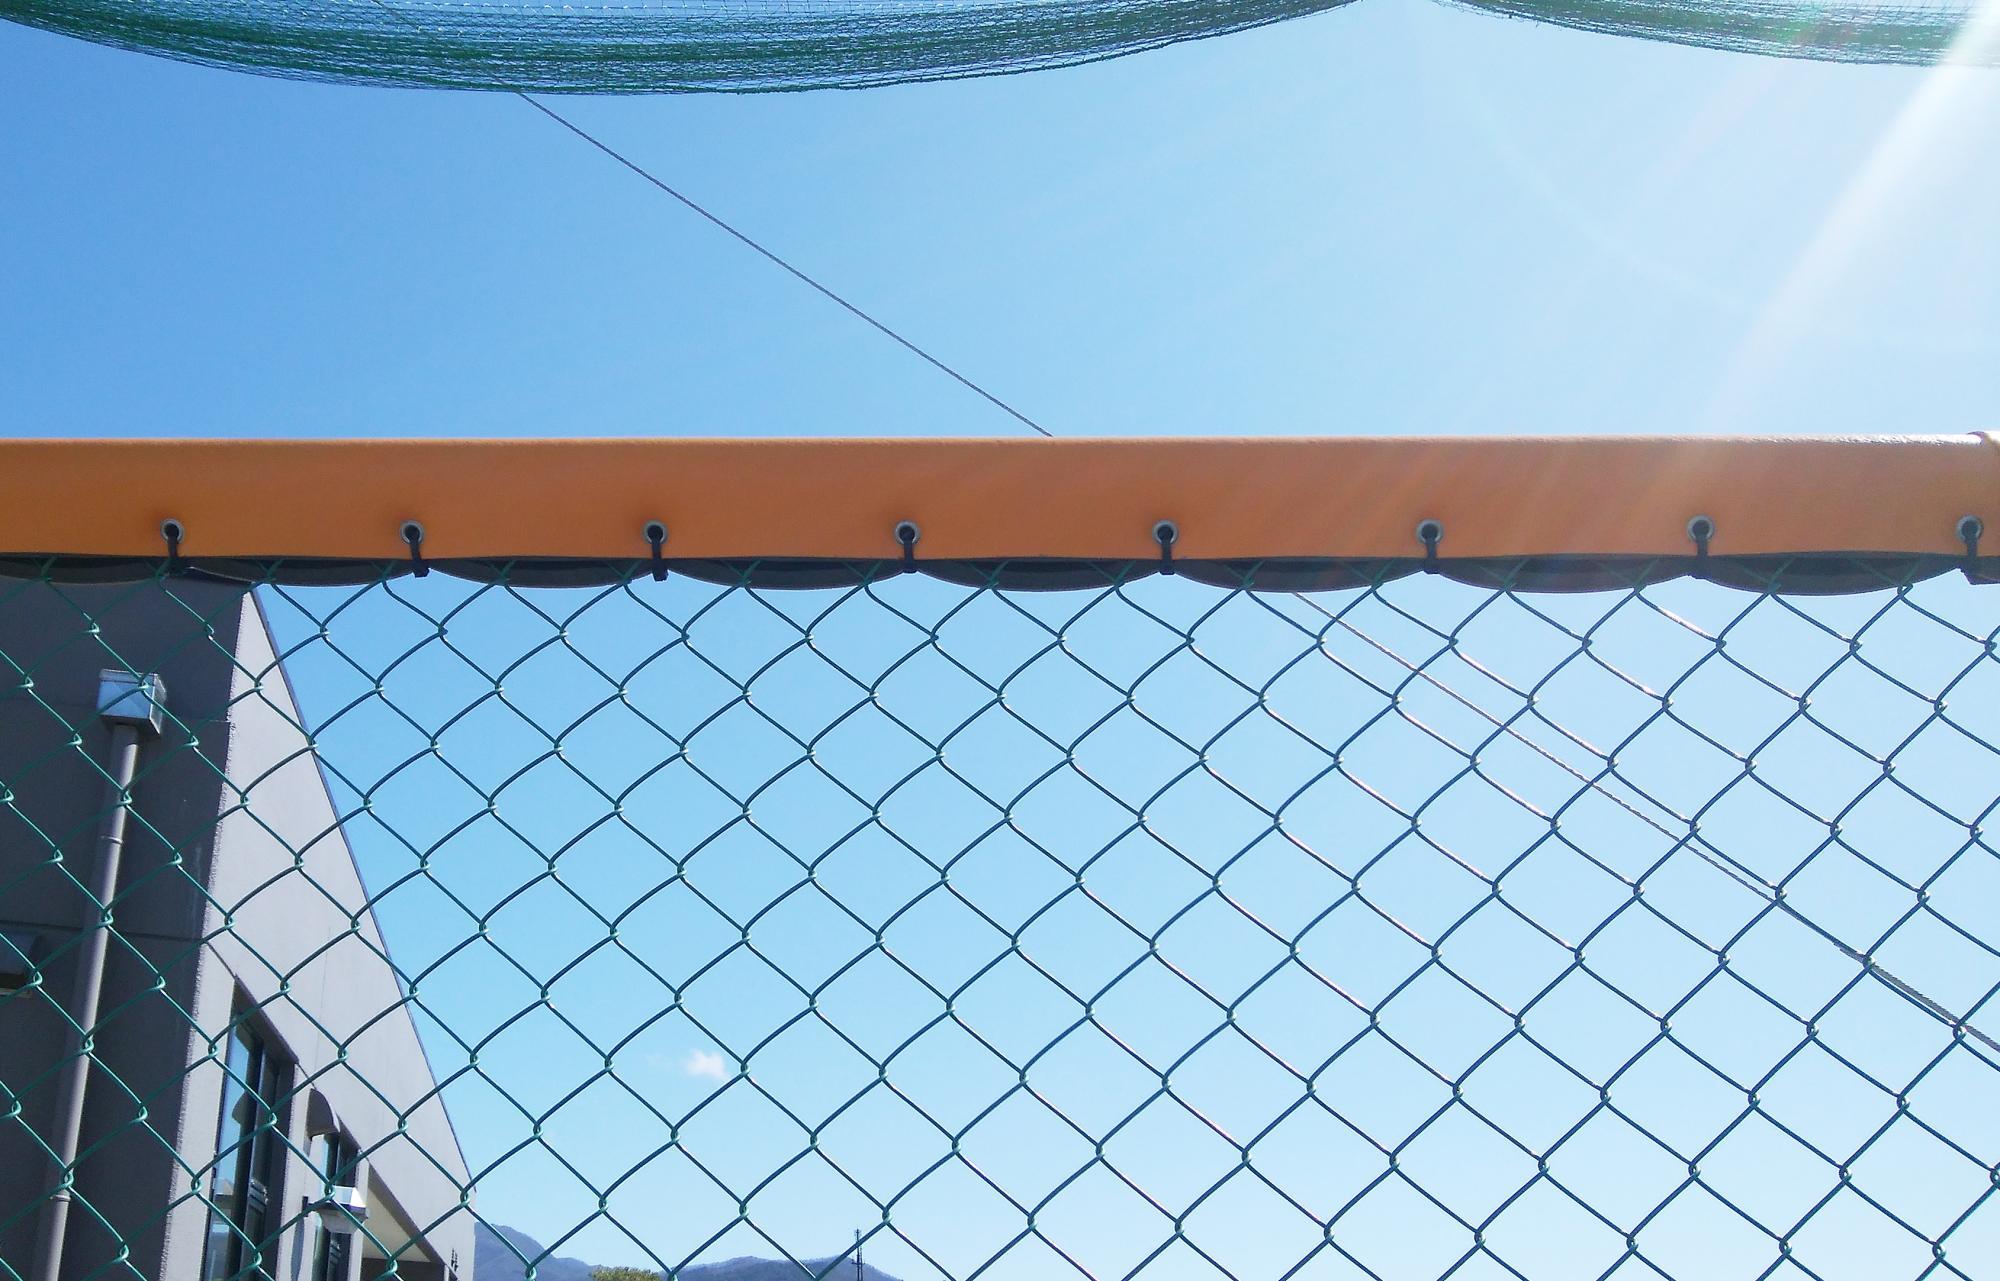 ホームランゾーン識別マット 群馬県中之条町総合運動場